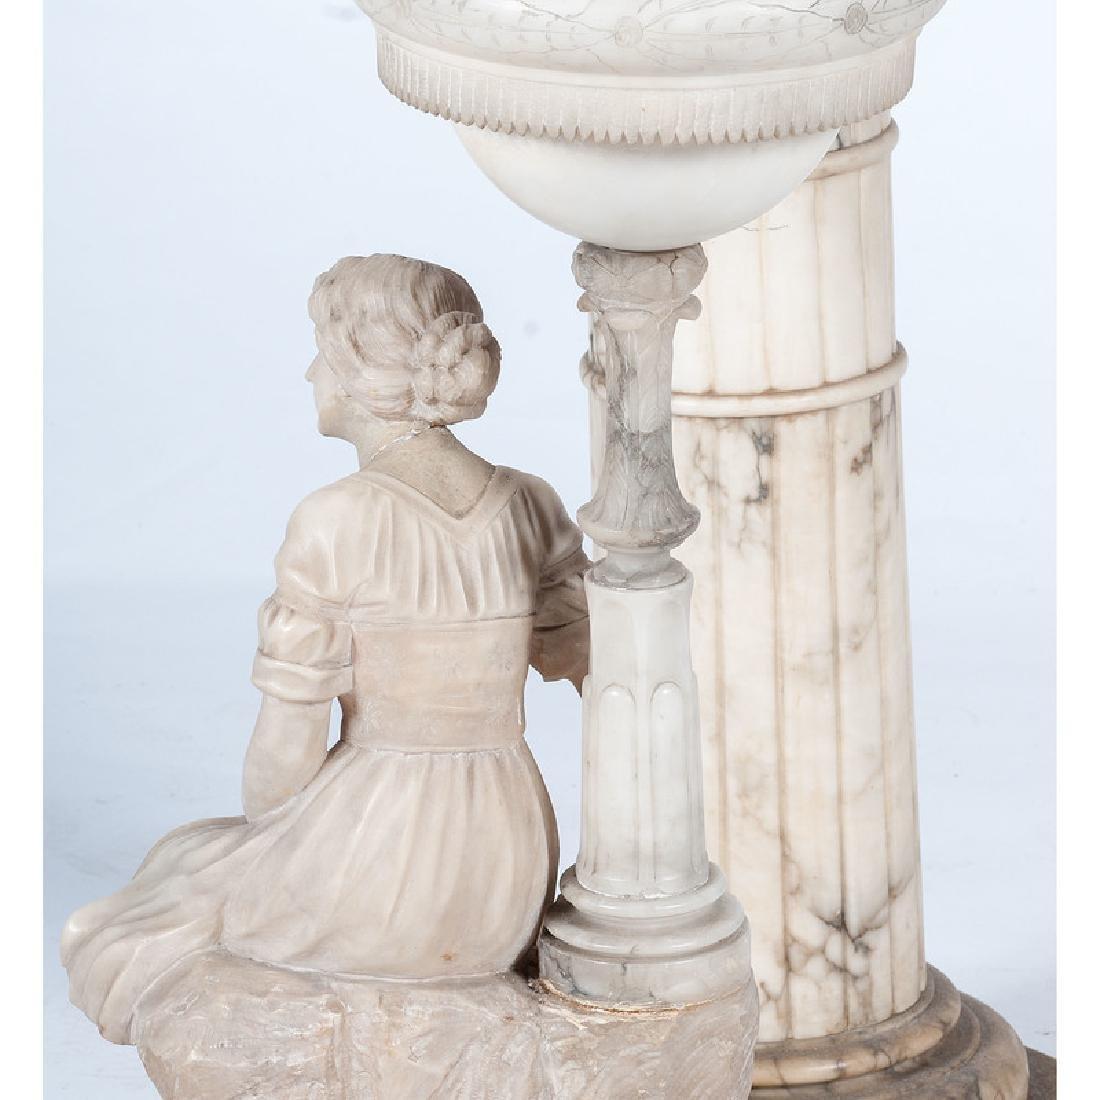 Carved Alabaster Lamp on Pedestal - 3